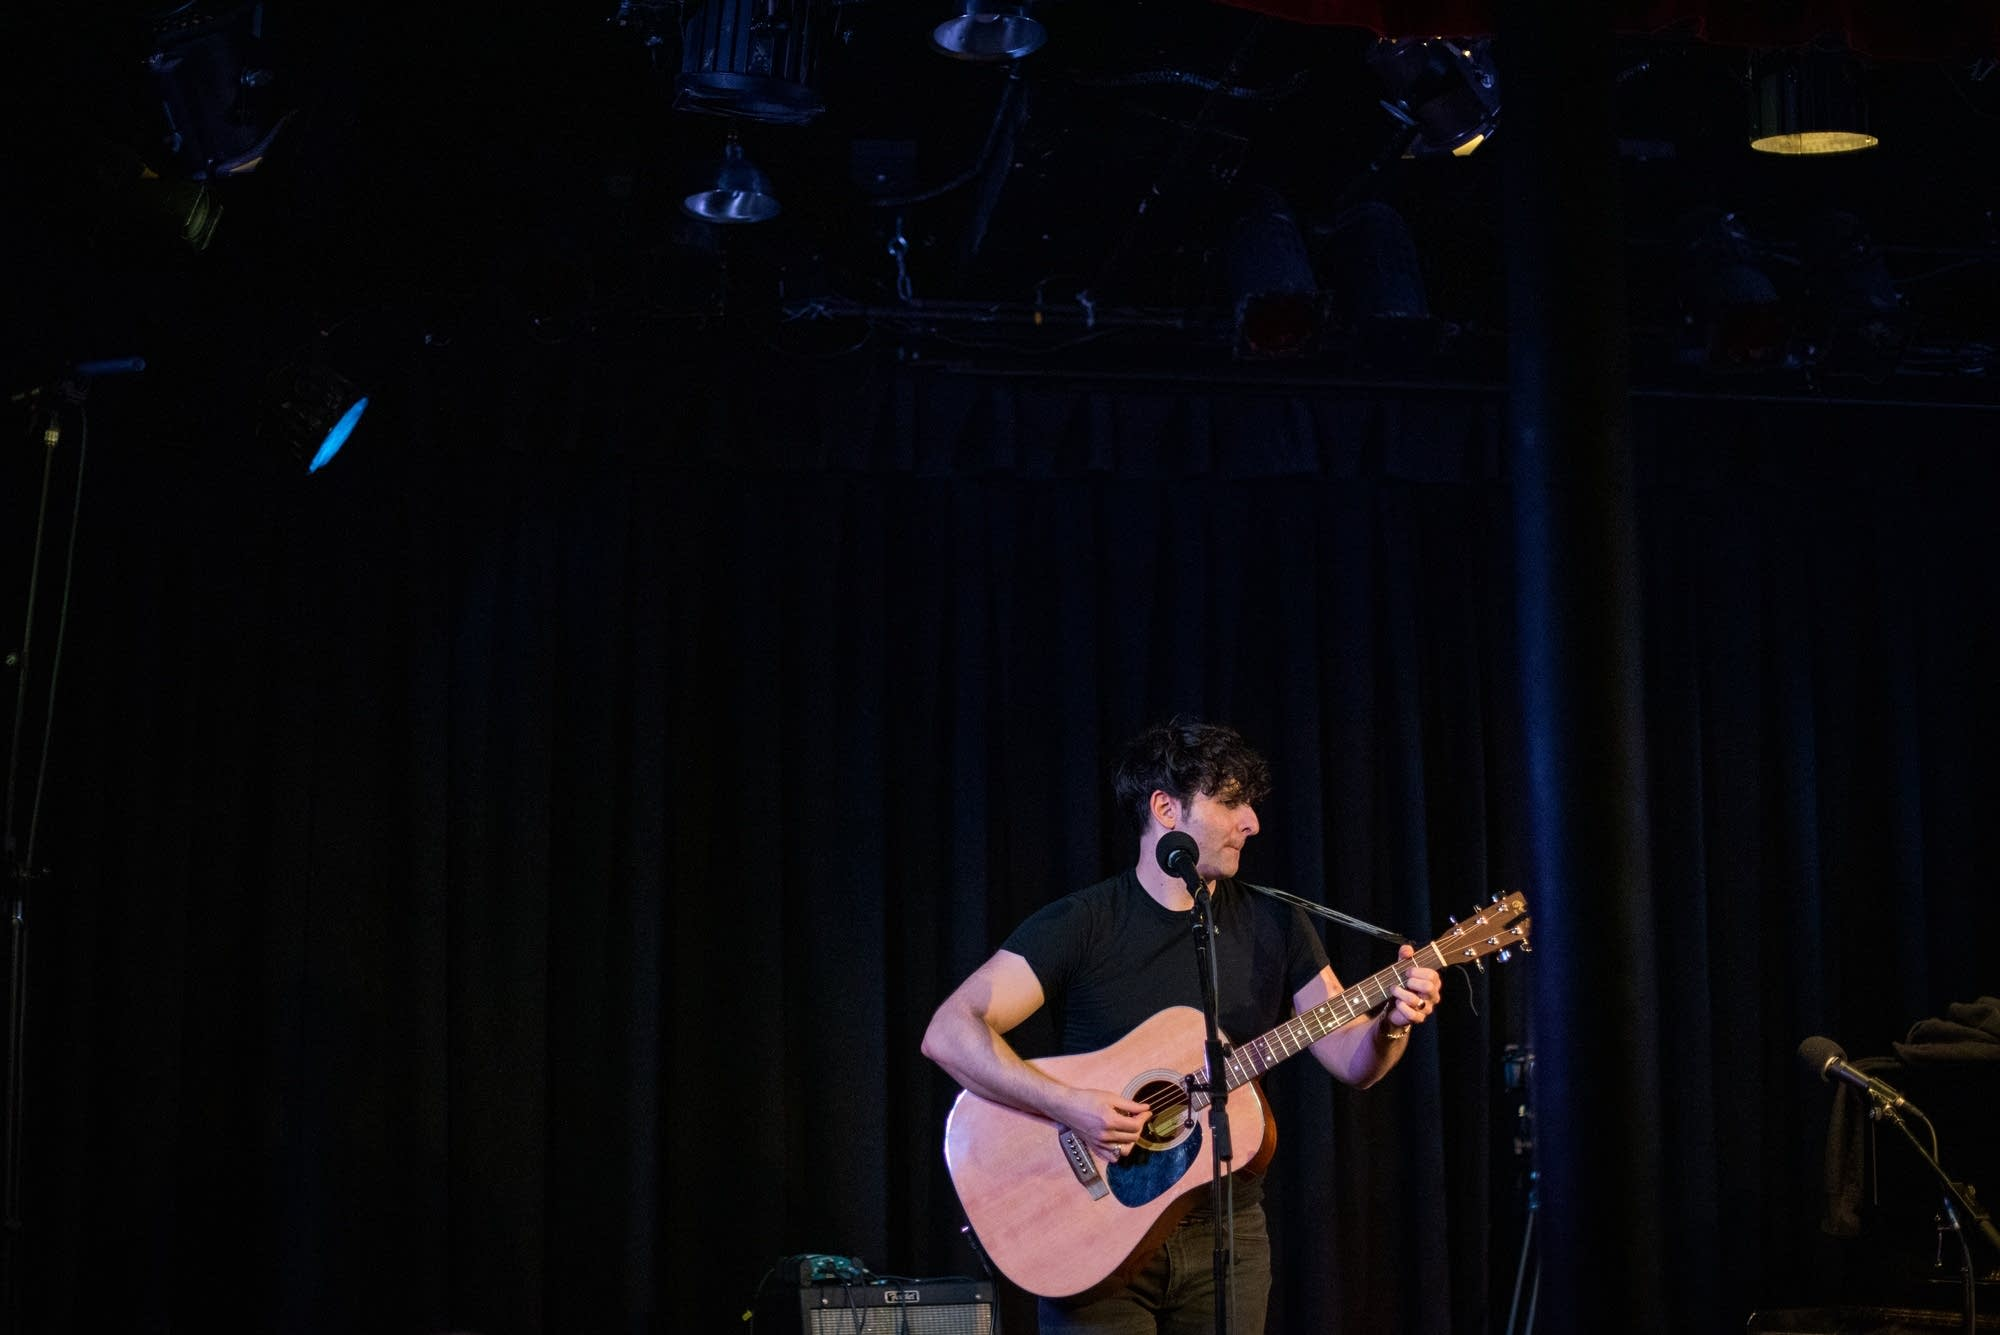 Adam Weiner Microshow performance